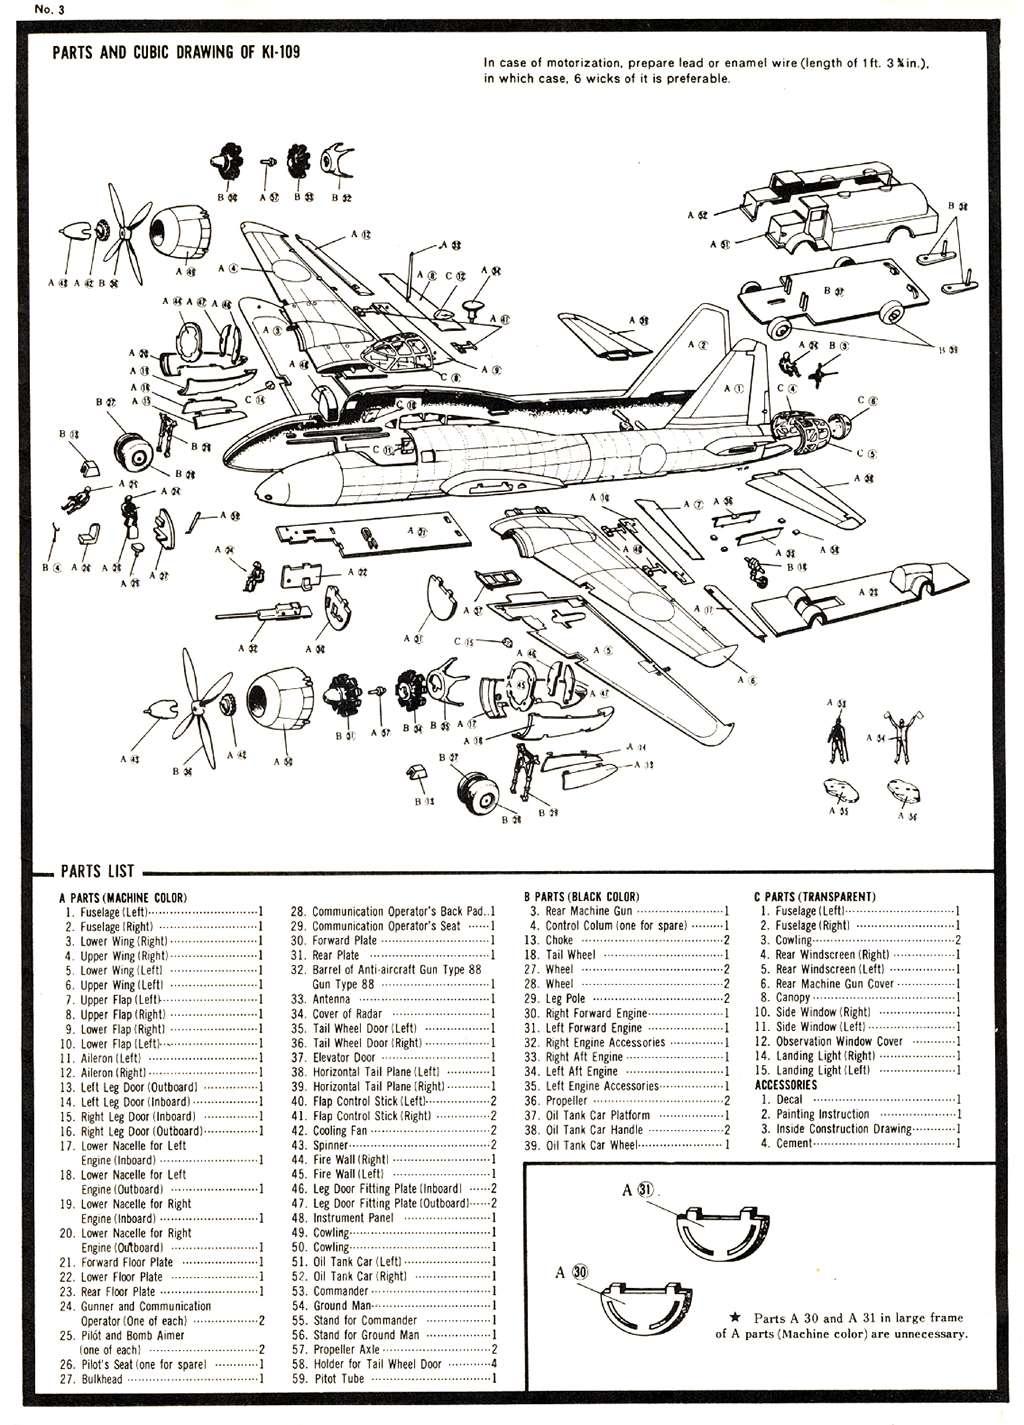 Ouvre-boîte Mitsubishi Ki-109 (version canon de 75mm) [LS 1/72] Ki109_21